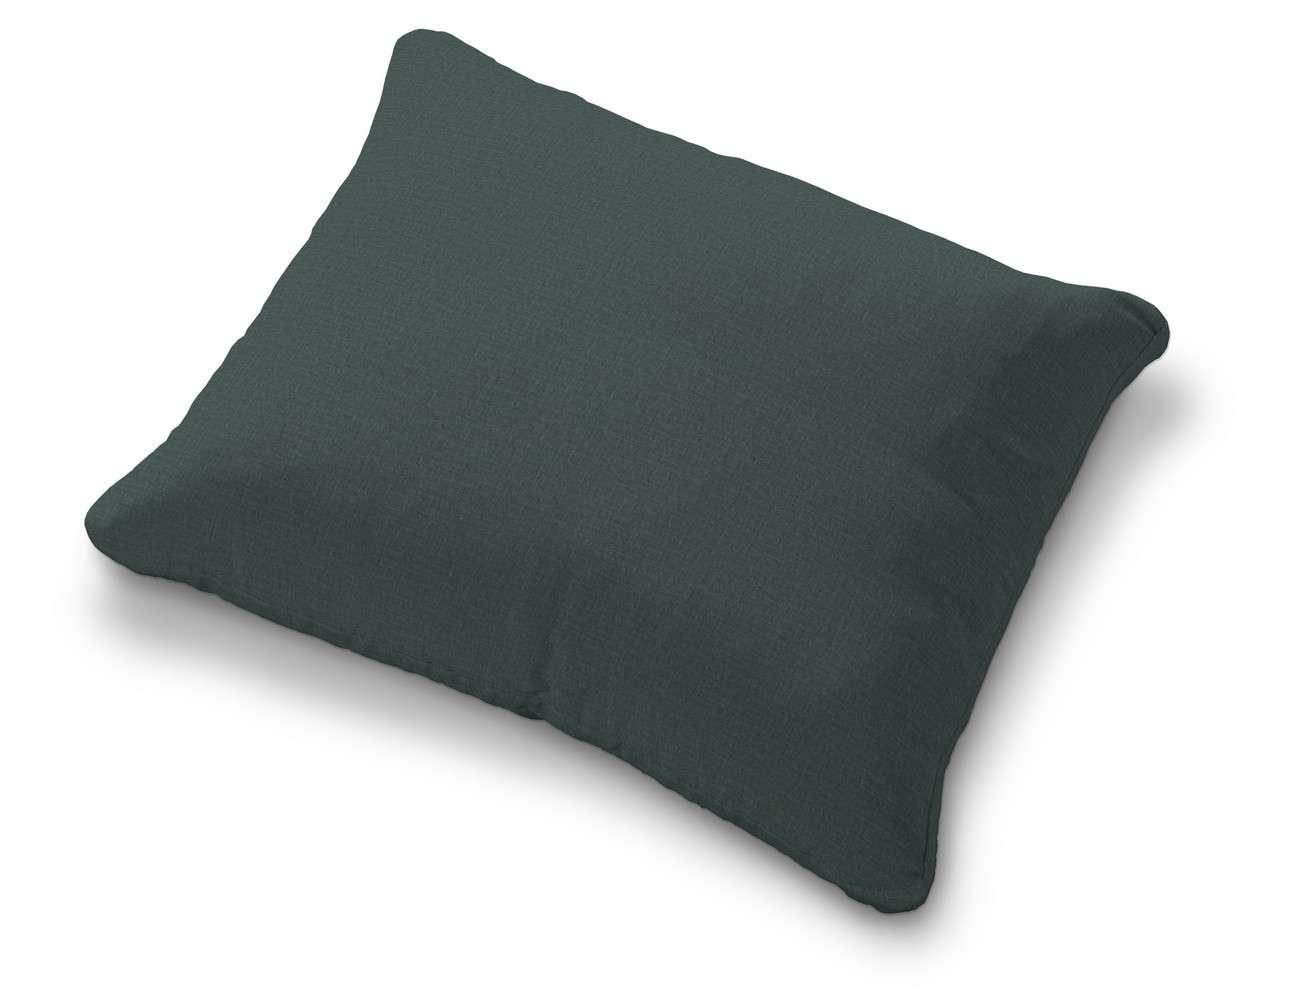 Poszewka na poduszkę Karlstad 58x48cm w kolekcji Ingrid, tkanina: 705-36